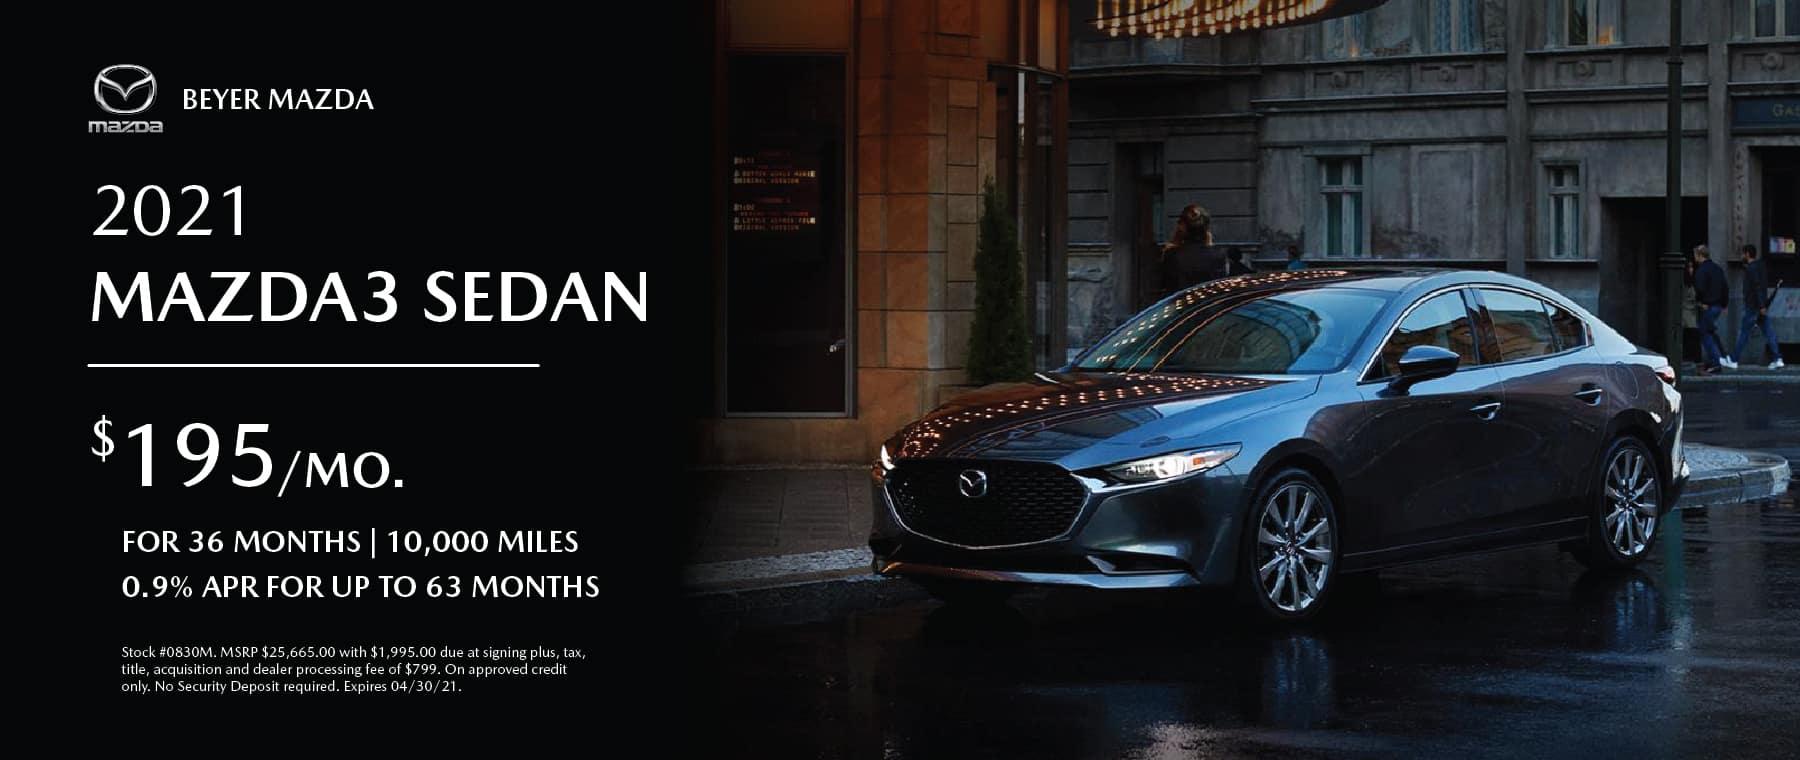 Beyer Mazda_Apr2021-Lease Special-Mazda3Sedan_Banner 1800×760